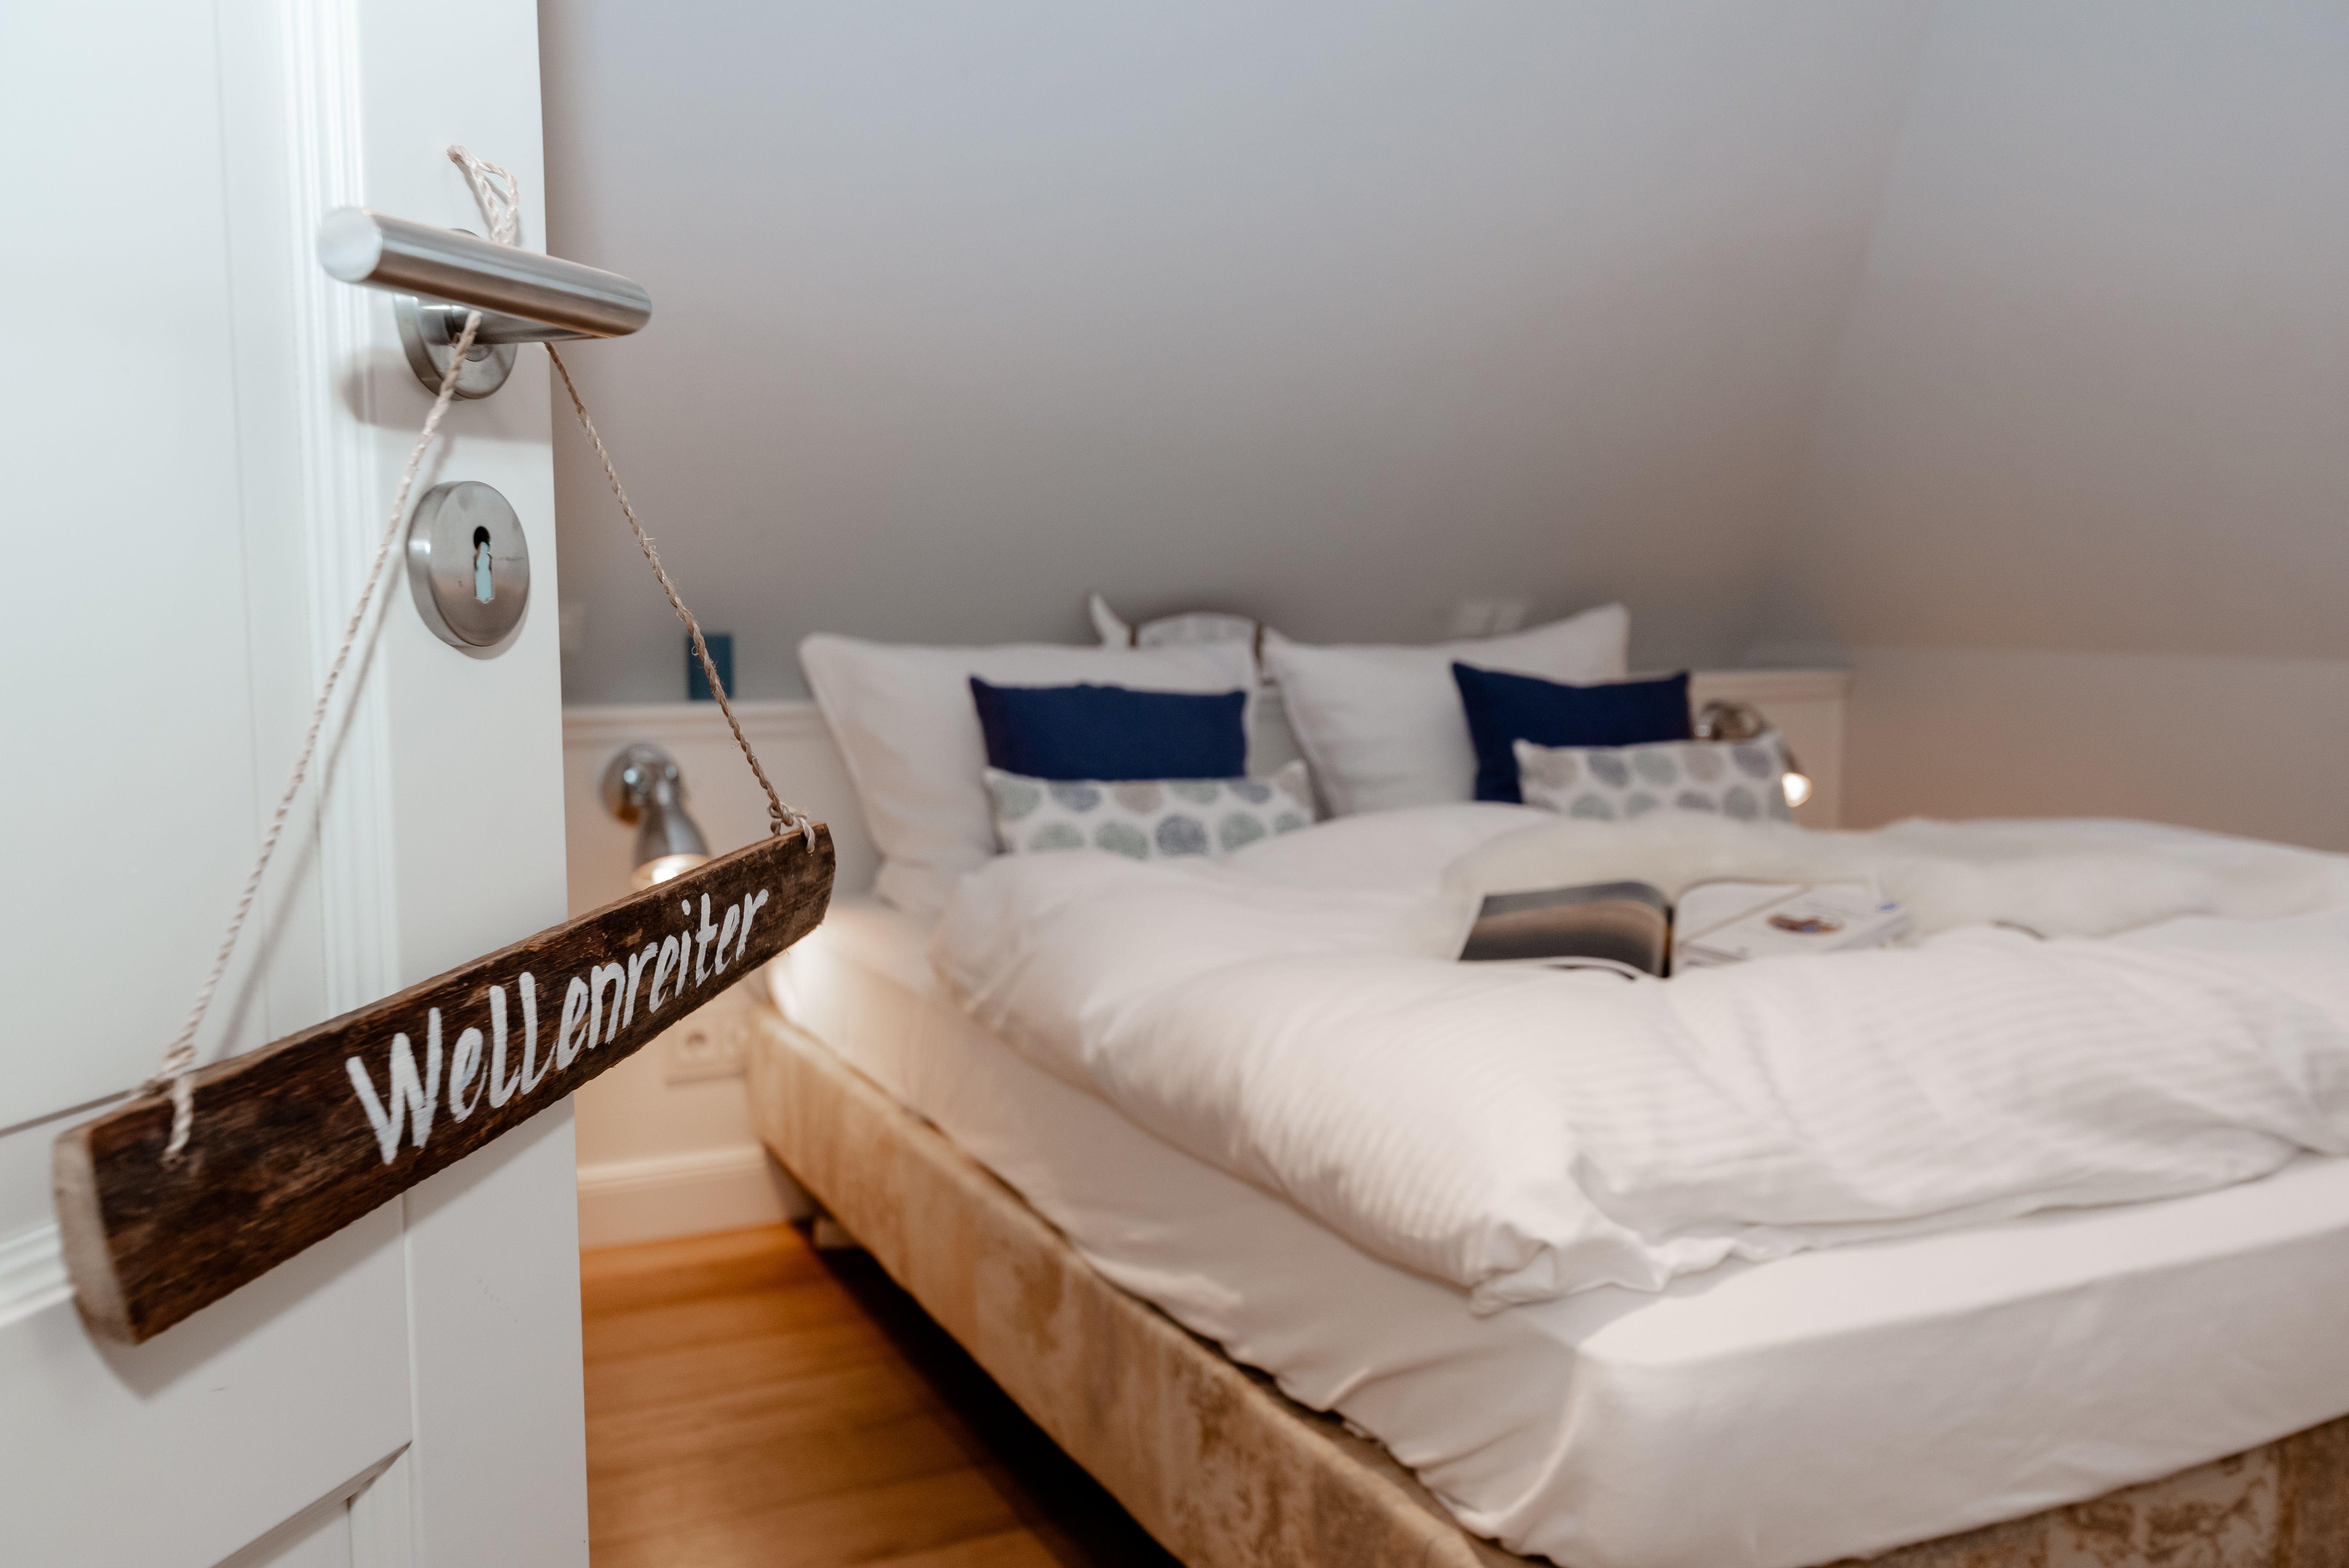 Kuschelige Ferienwohnung Hornum In 2020 Ferienwohnung Wohnung Traum Ferienwohnung